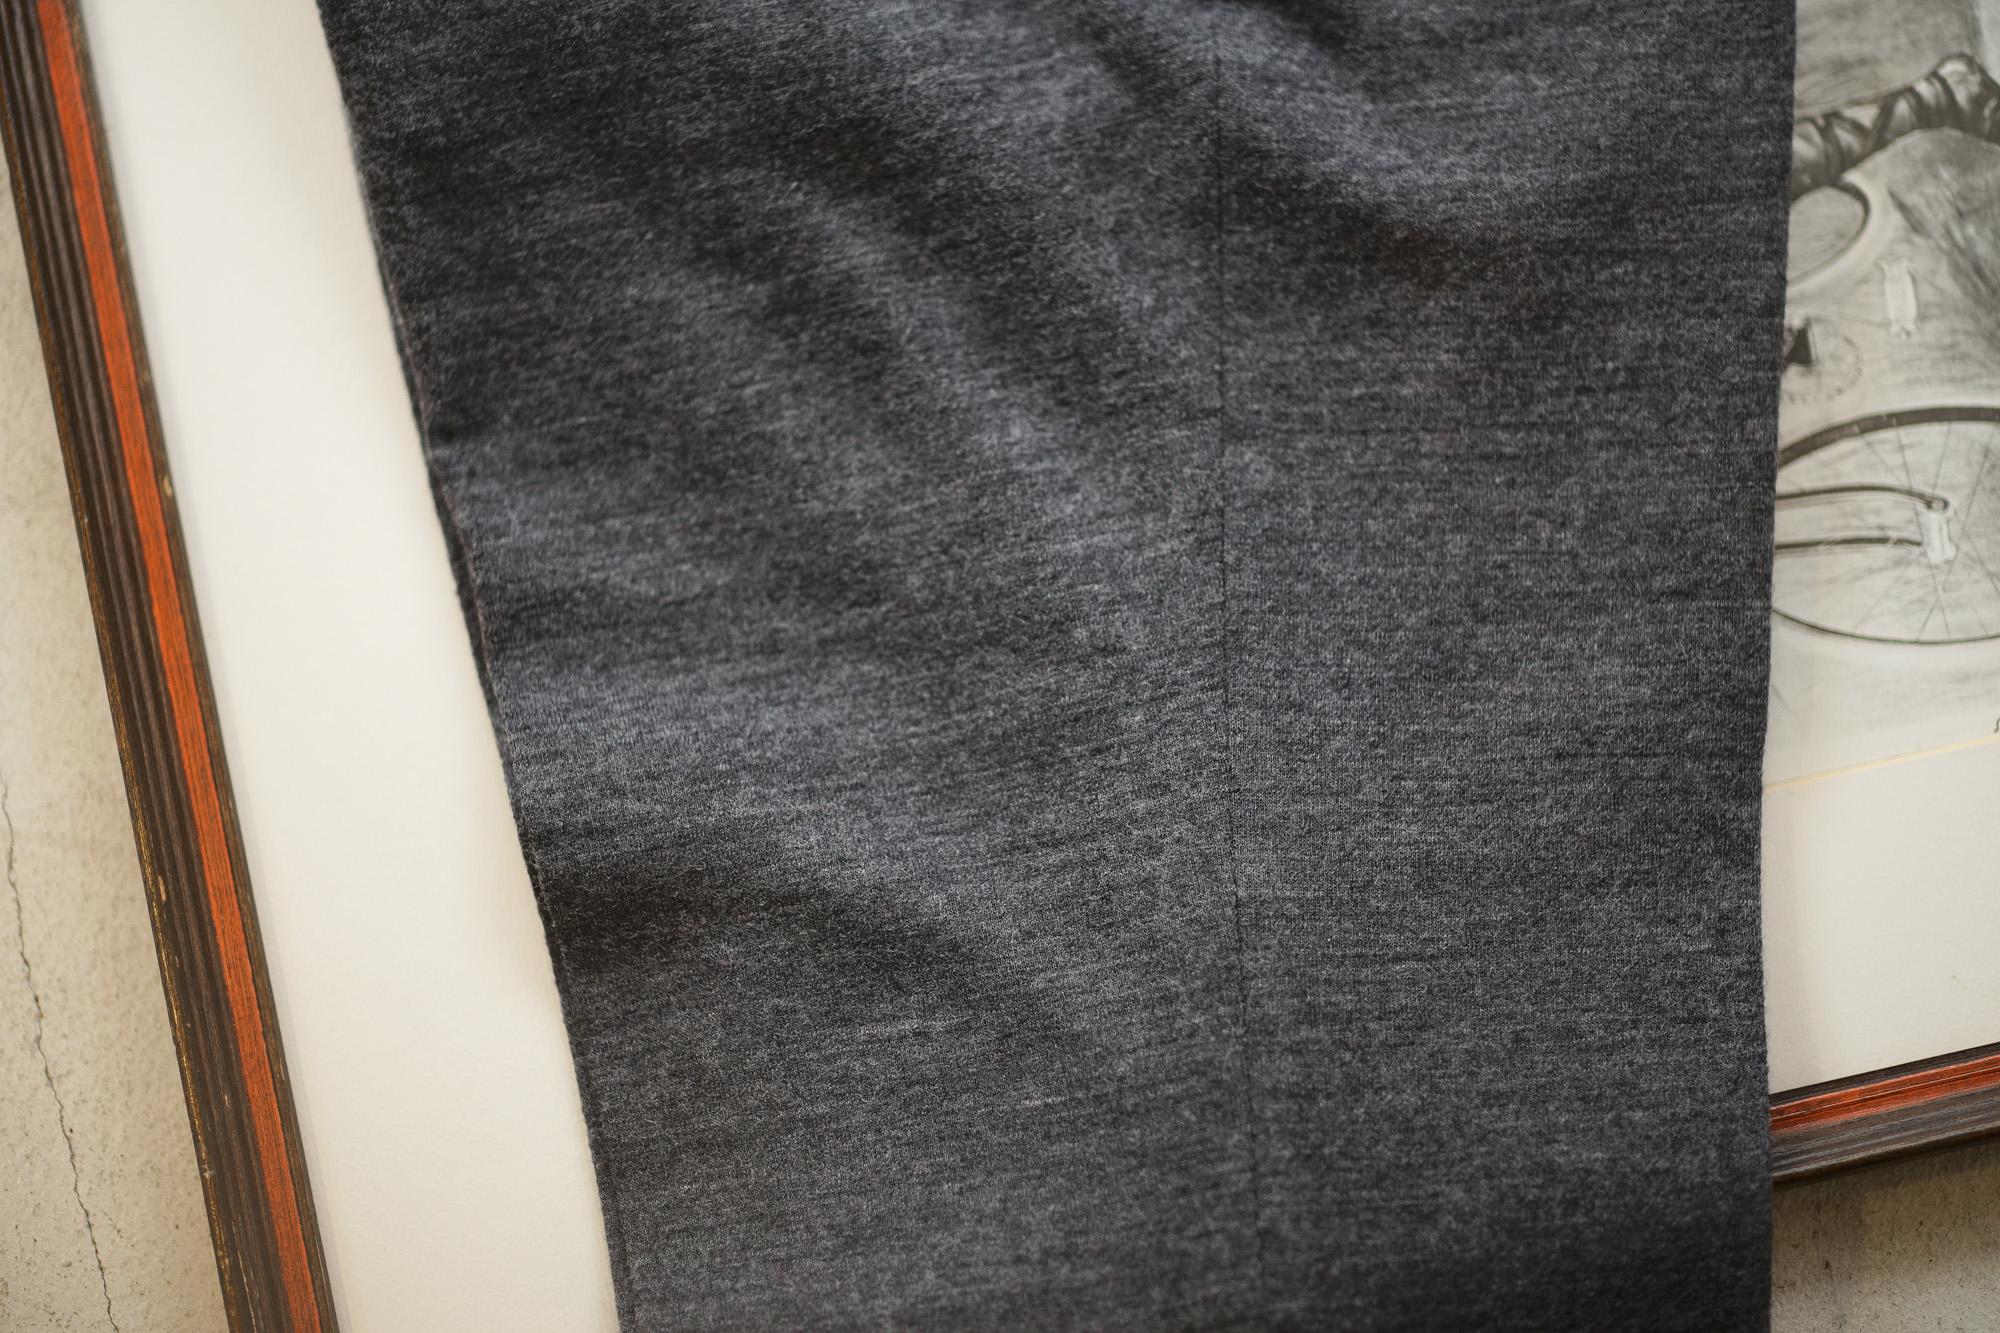 INCOTEX (インコテックス) N35 SLIM FIT (1NG035) FLANNEL JERSEY ストレッチ ウール コットン フランネル ジャージ スラックス MEDIUM GRAY (ミディアムグレー・925) 2018 秋冬新作 愛知 名古屋 alto e diritto アルトエデリット altoediritto